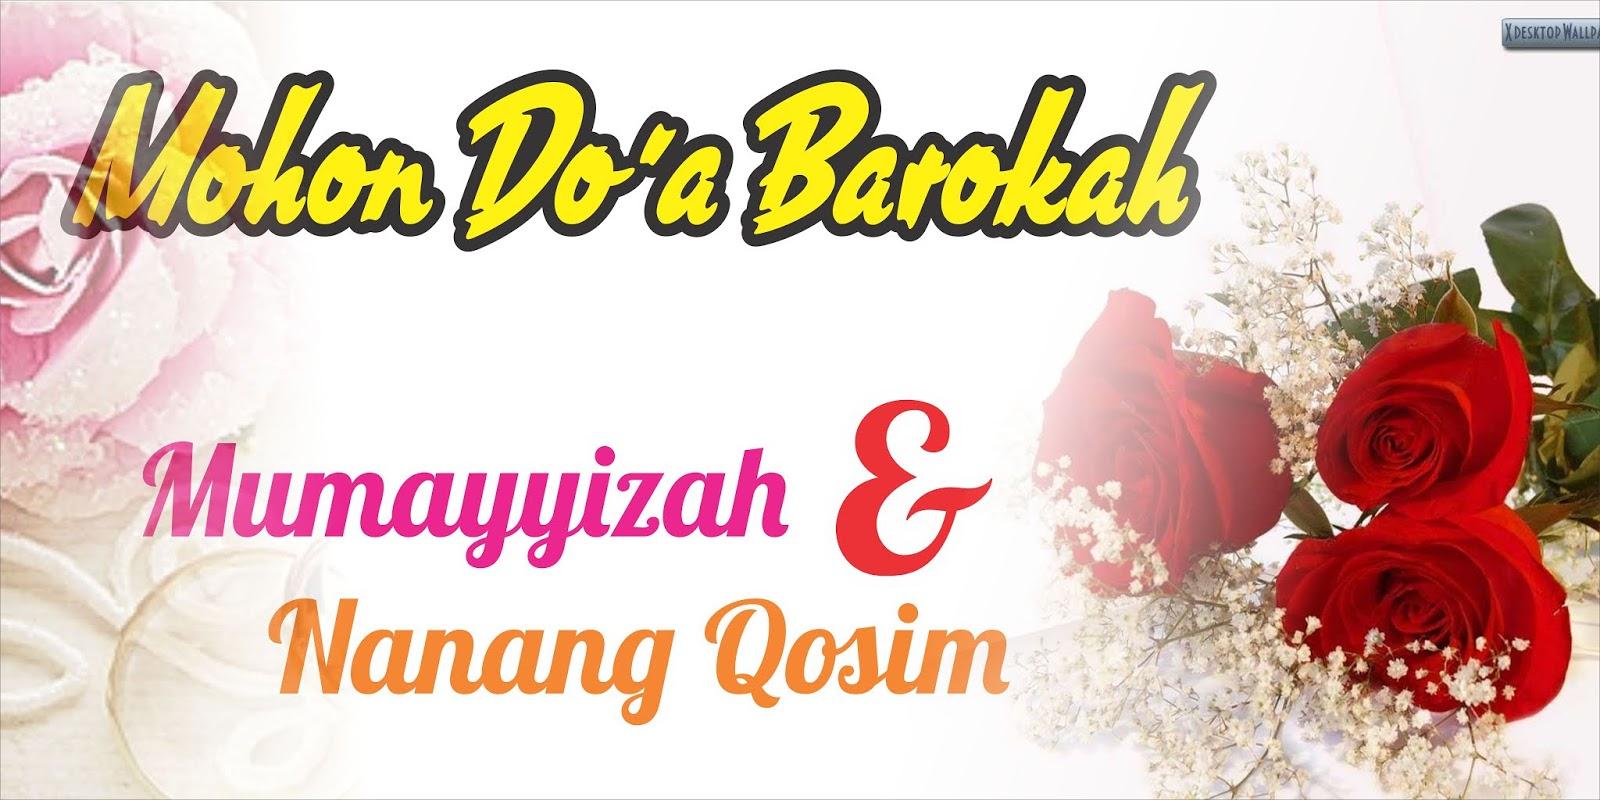 Download 5800 Background Banner Pernikahan Cdr HD Terbaru